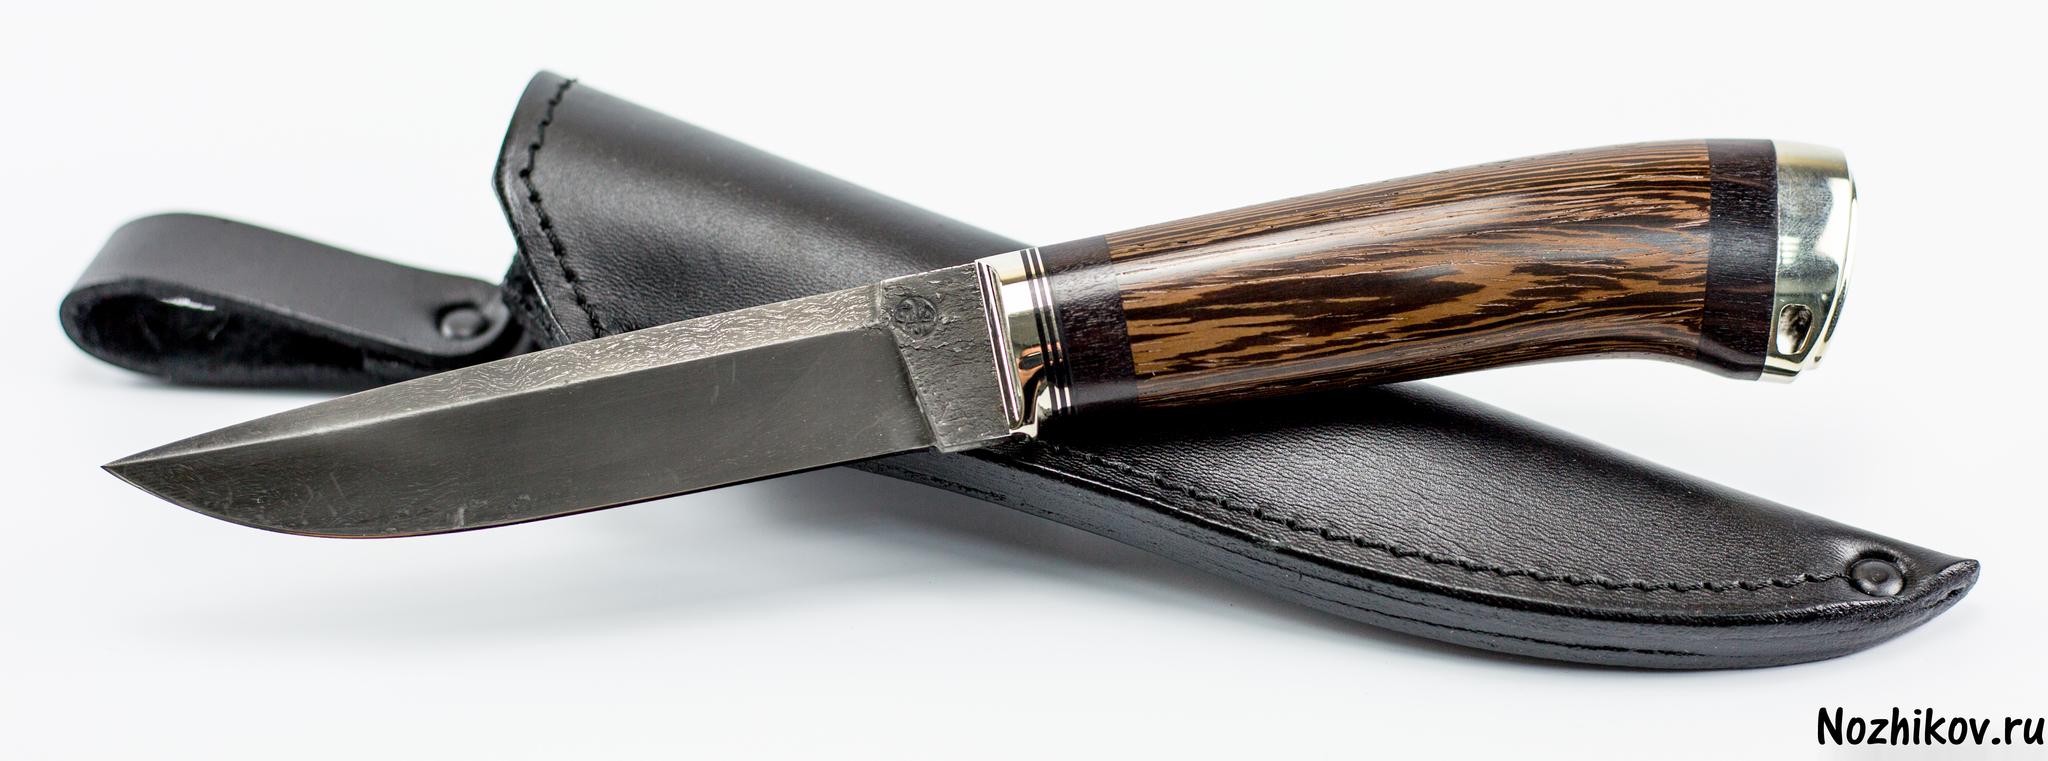 Авторский нож из тигельного булата №1, от ПриказчиковаНожи Павлово<br><br>